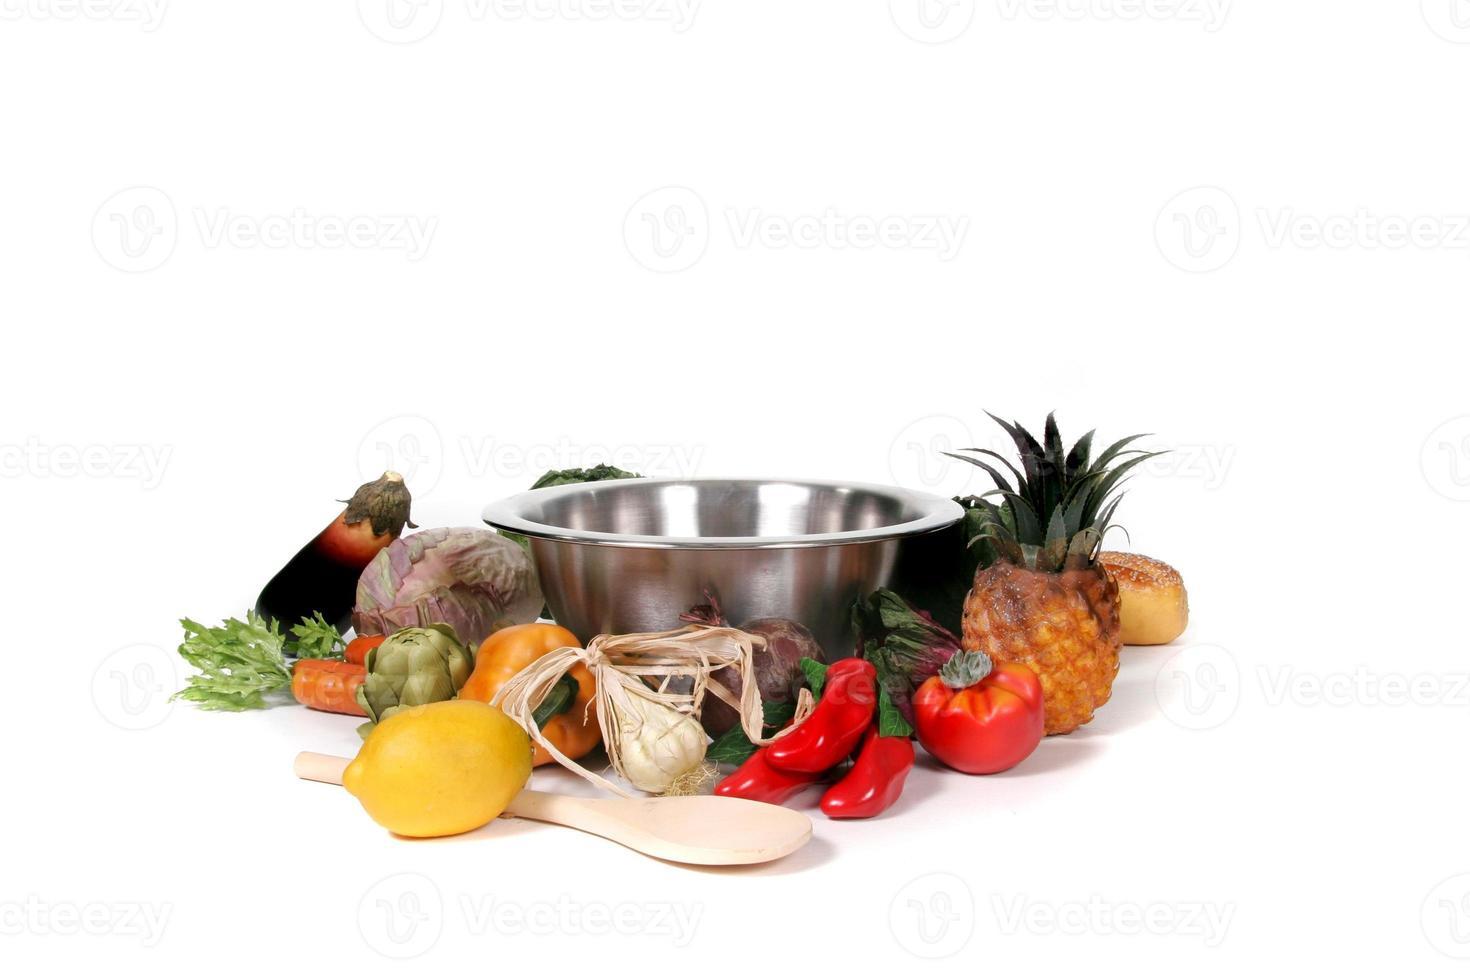 matlagning med mat fantasy foto bakgrund för digital manipulation